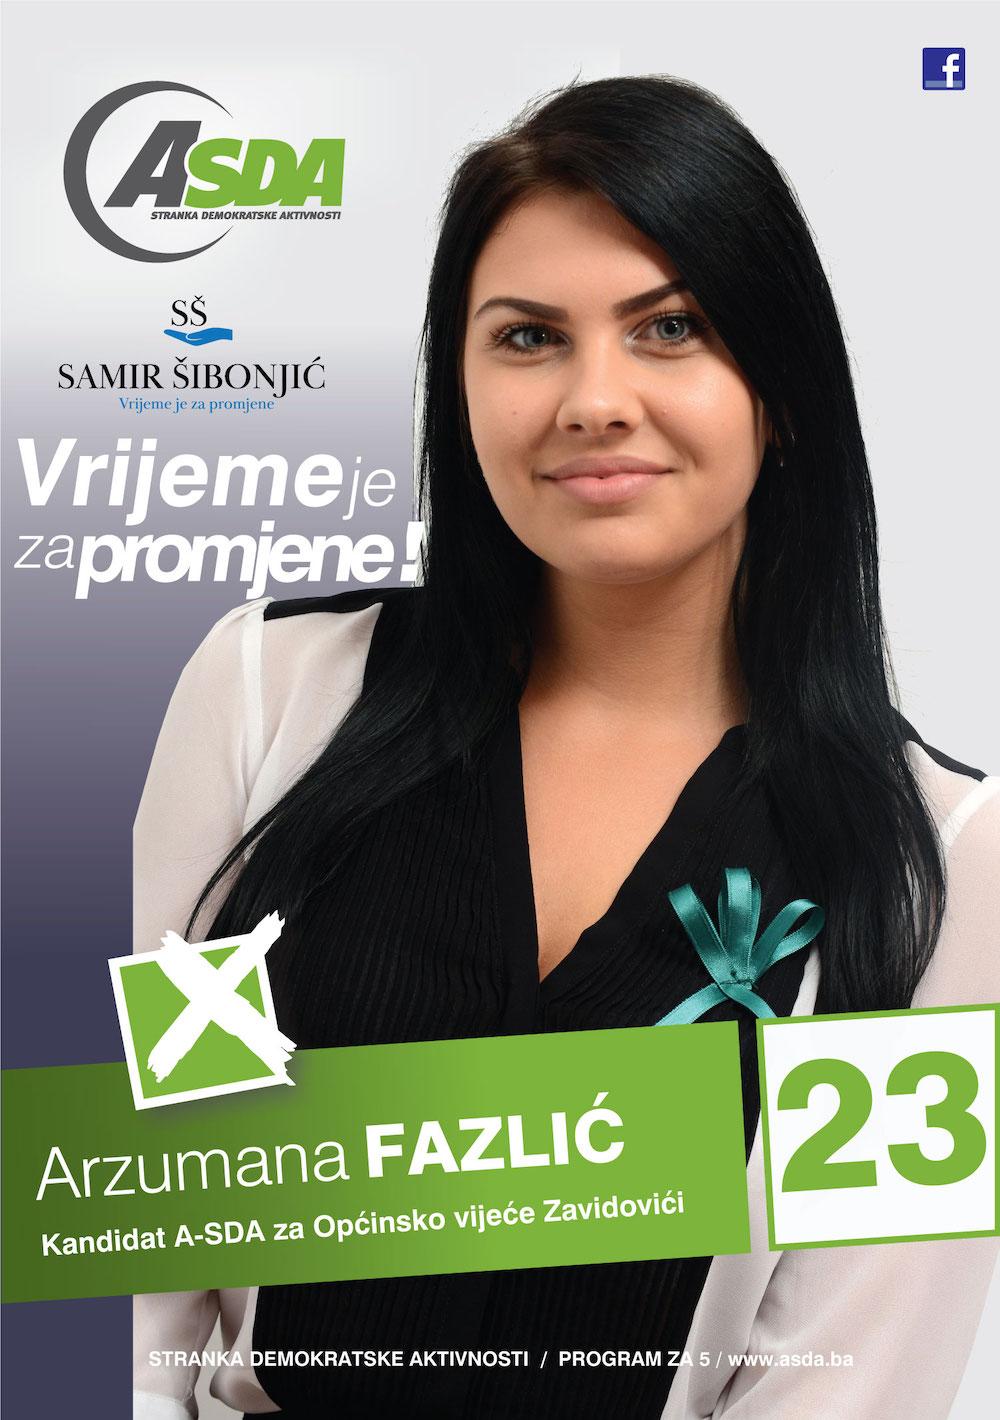 Arzumana Fazlić